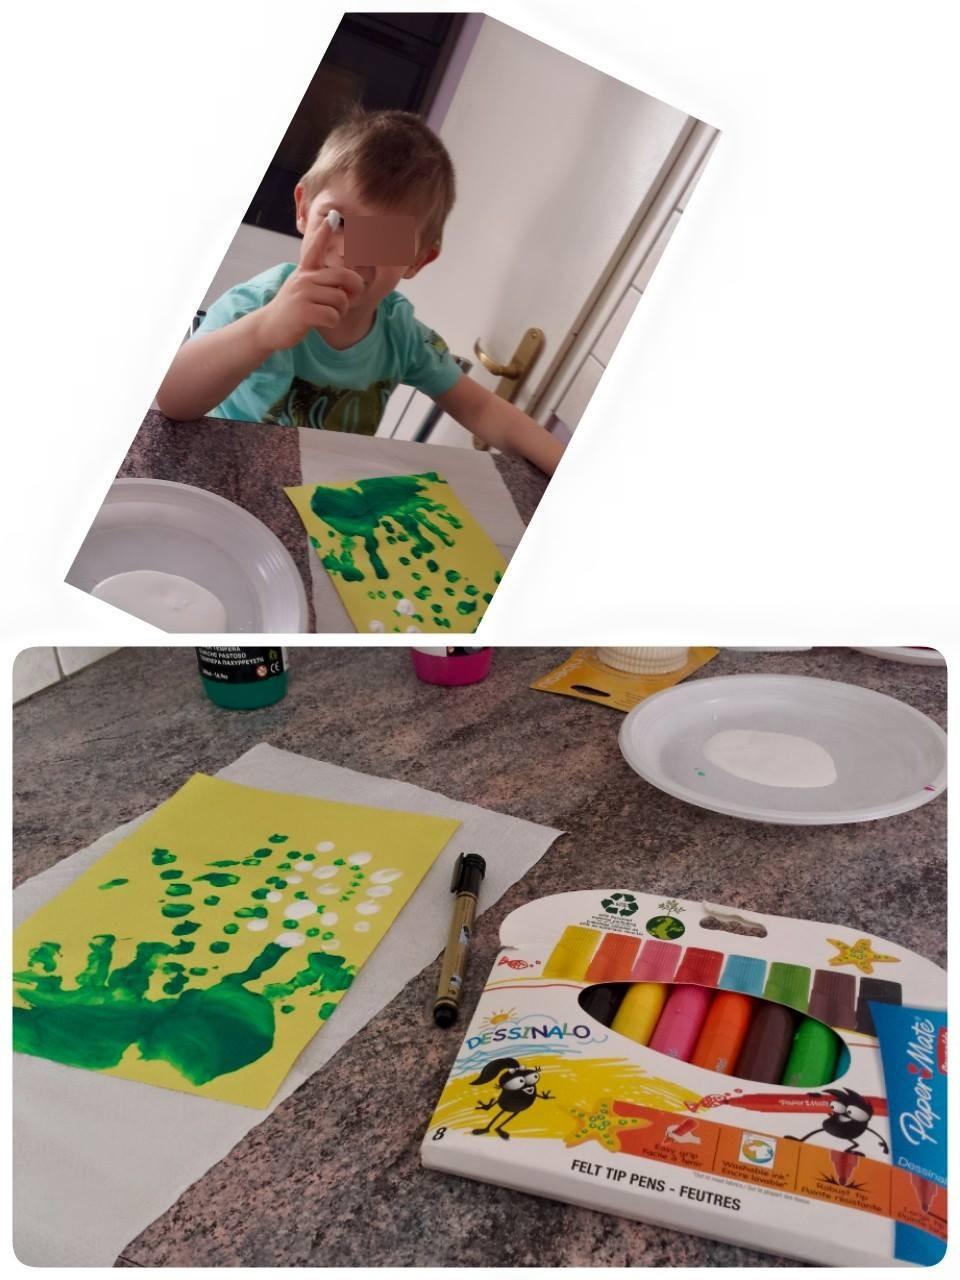 Atelier création Mai 2015: assistante maternelle Villeparisis, petite enfance